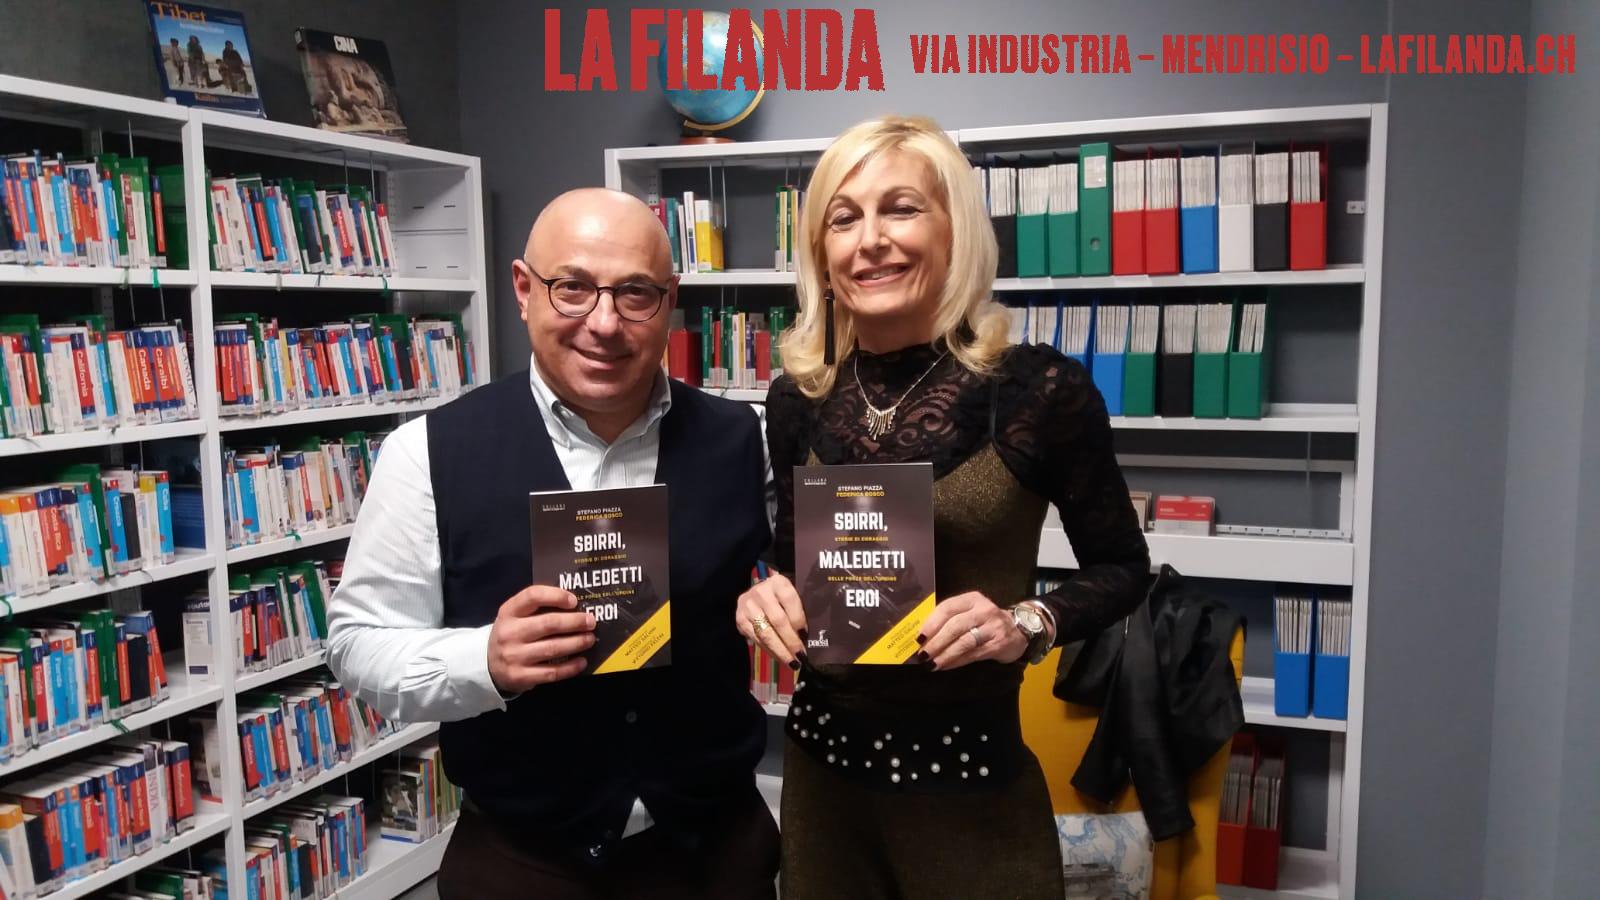 """Intervista a Stefano Piazza e Federica Bosco, autori del libro """"Sbirri, Maledetti Eroi"""" - La Filanda - 08/03/2019"""